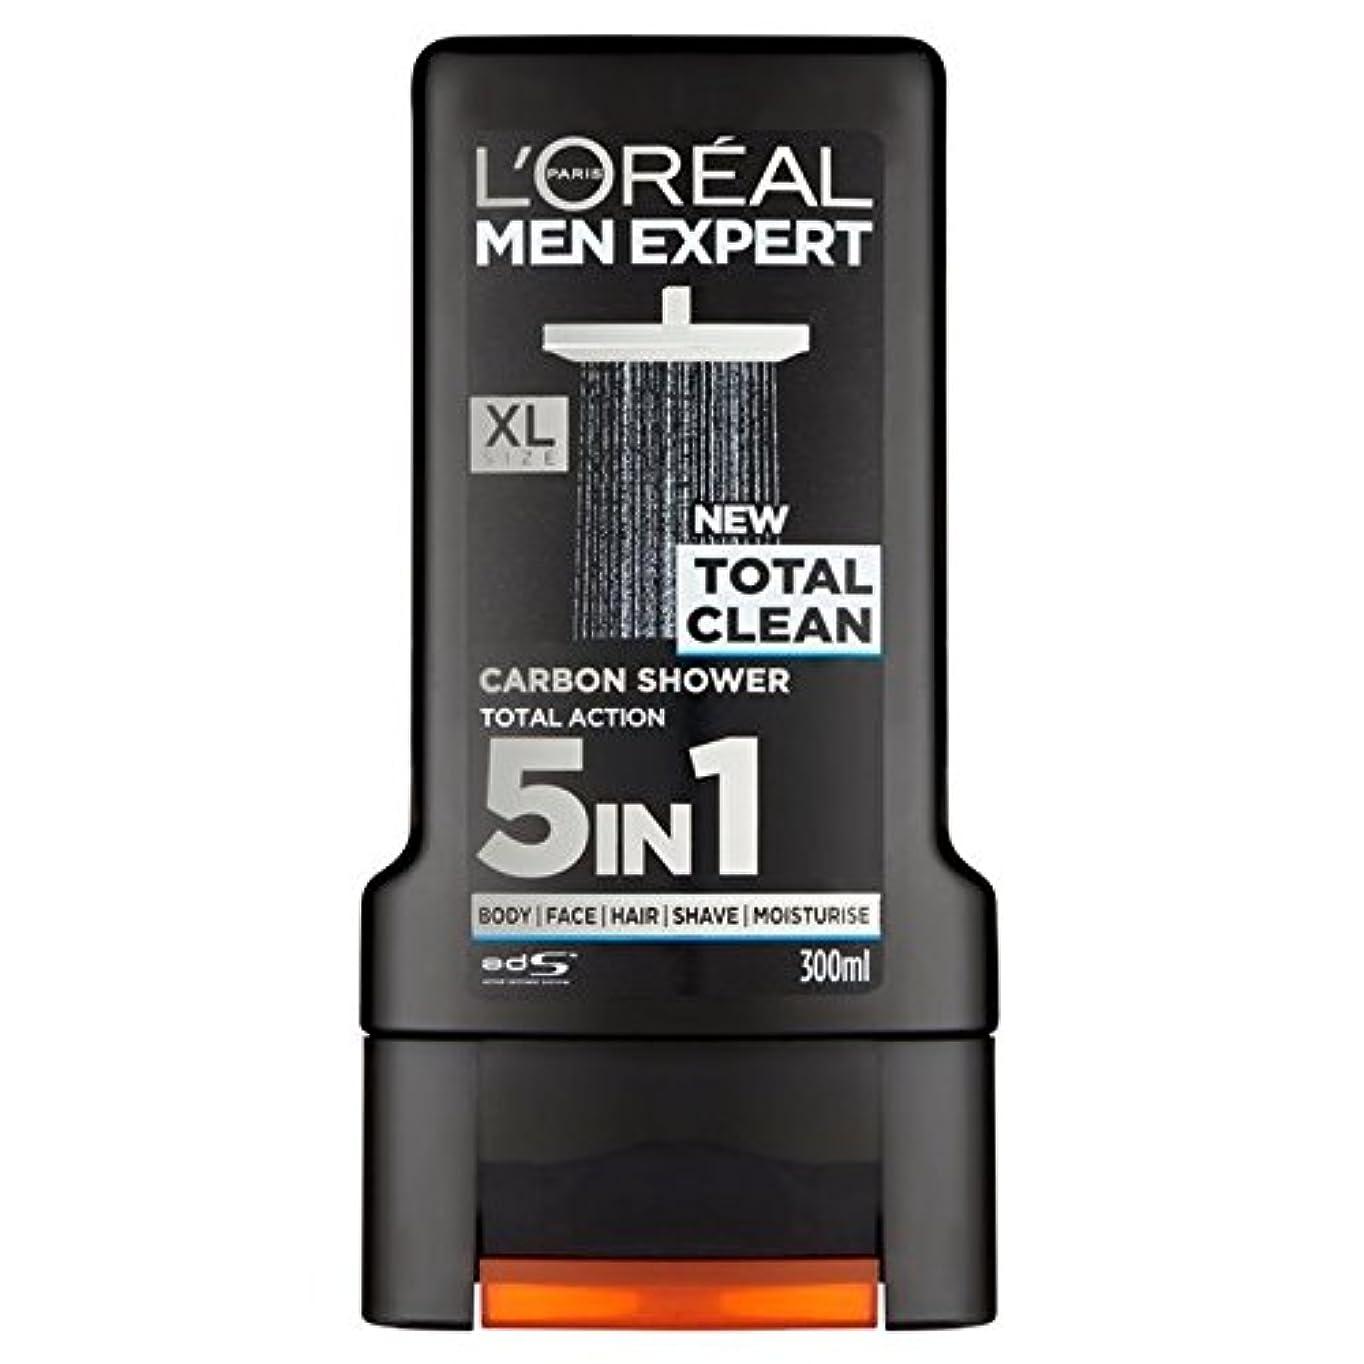 お願いします力強い羊飼いロレアルパリのメンズ専門トータルクリーンシャワージェル300ミリリットル x4 - L'Oreal Paris Men Expert Total Clean Shower Gel 300ml (Pack of 4) [並行輸入品]